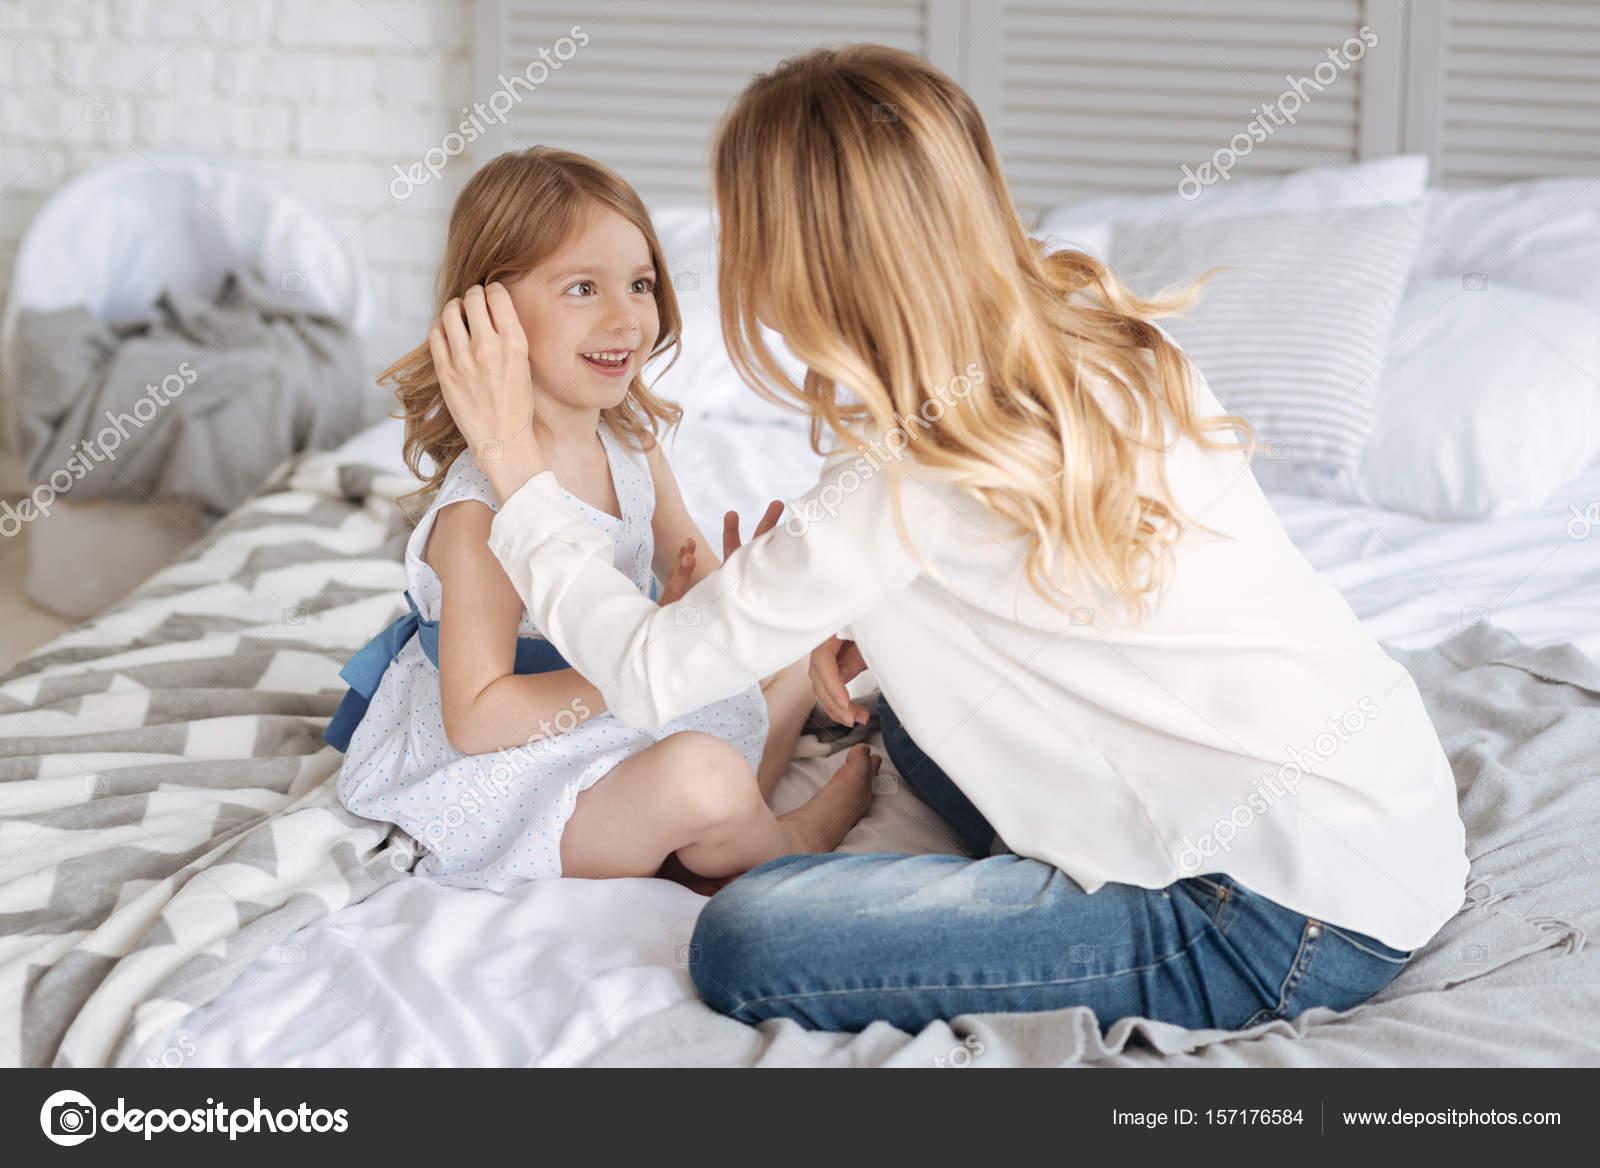 Я трахул дочь в жопу, Видеозаписи Лучшее порно в сети ВКонтакте 17 фотография